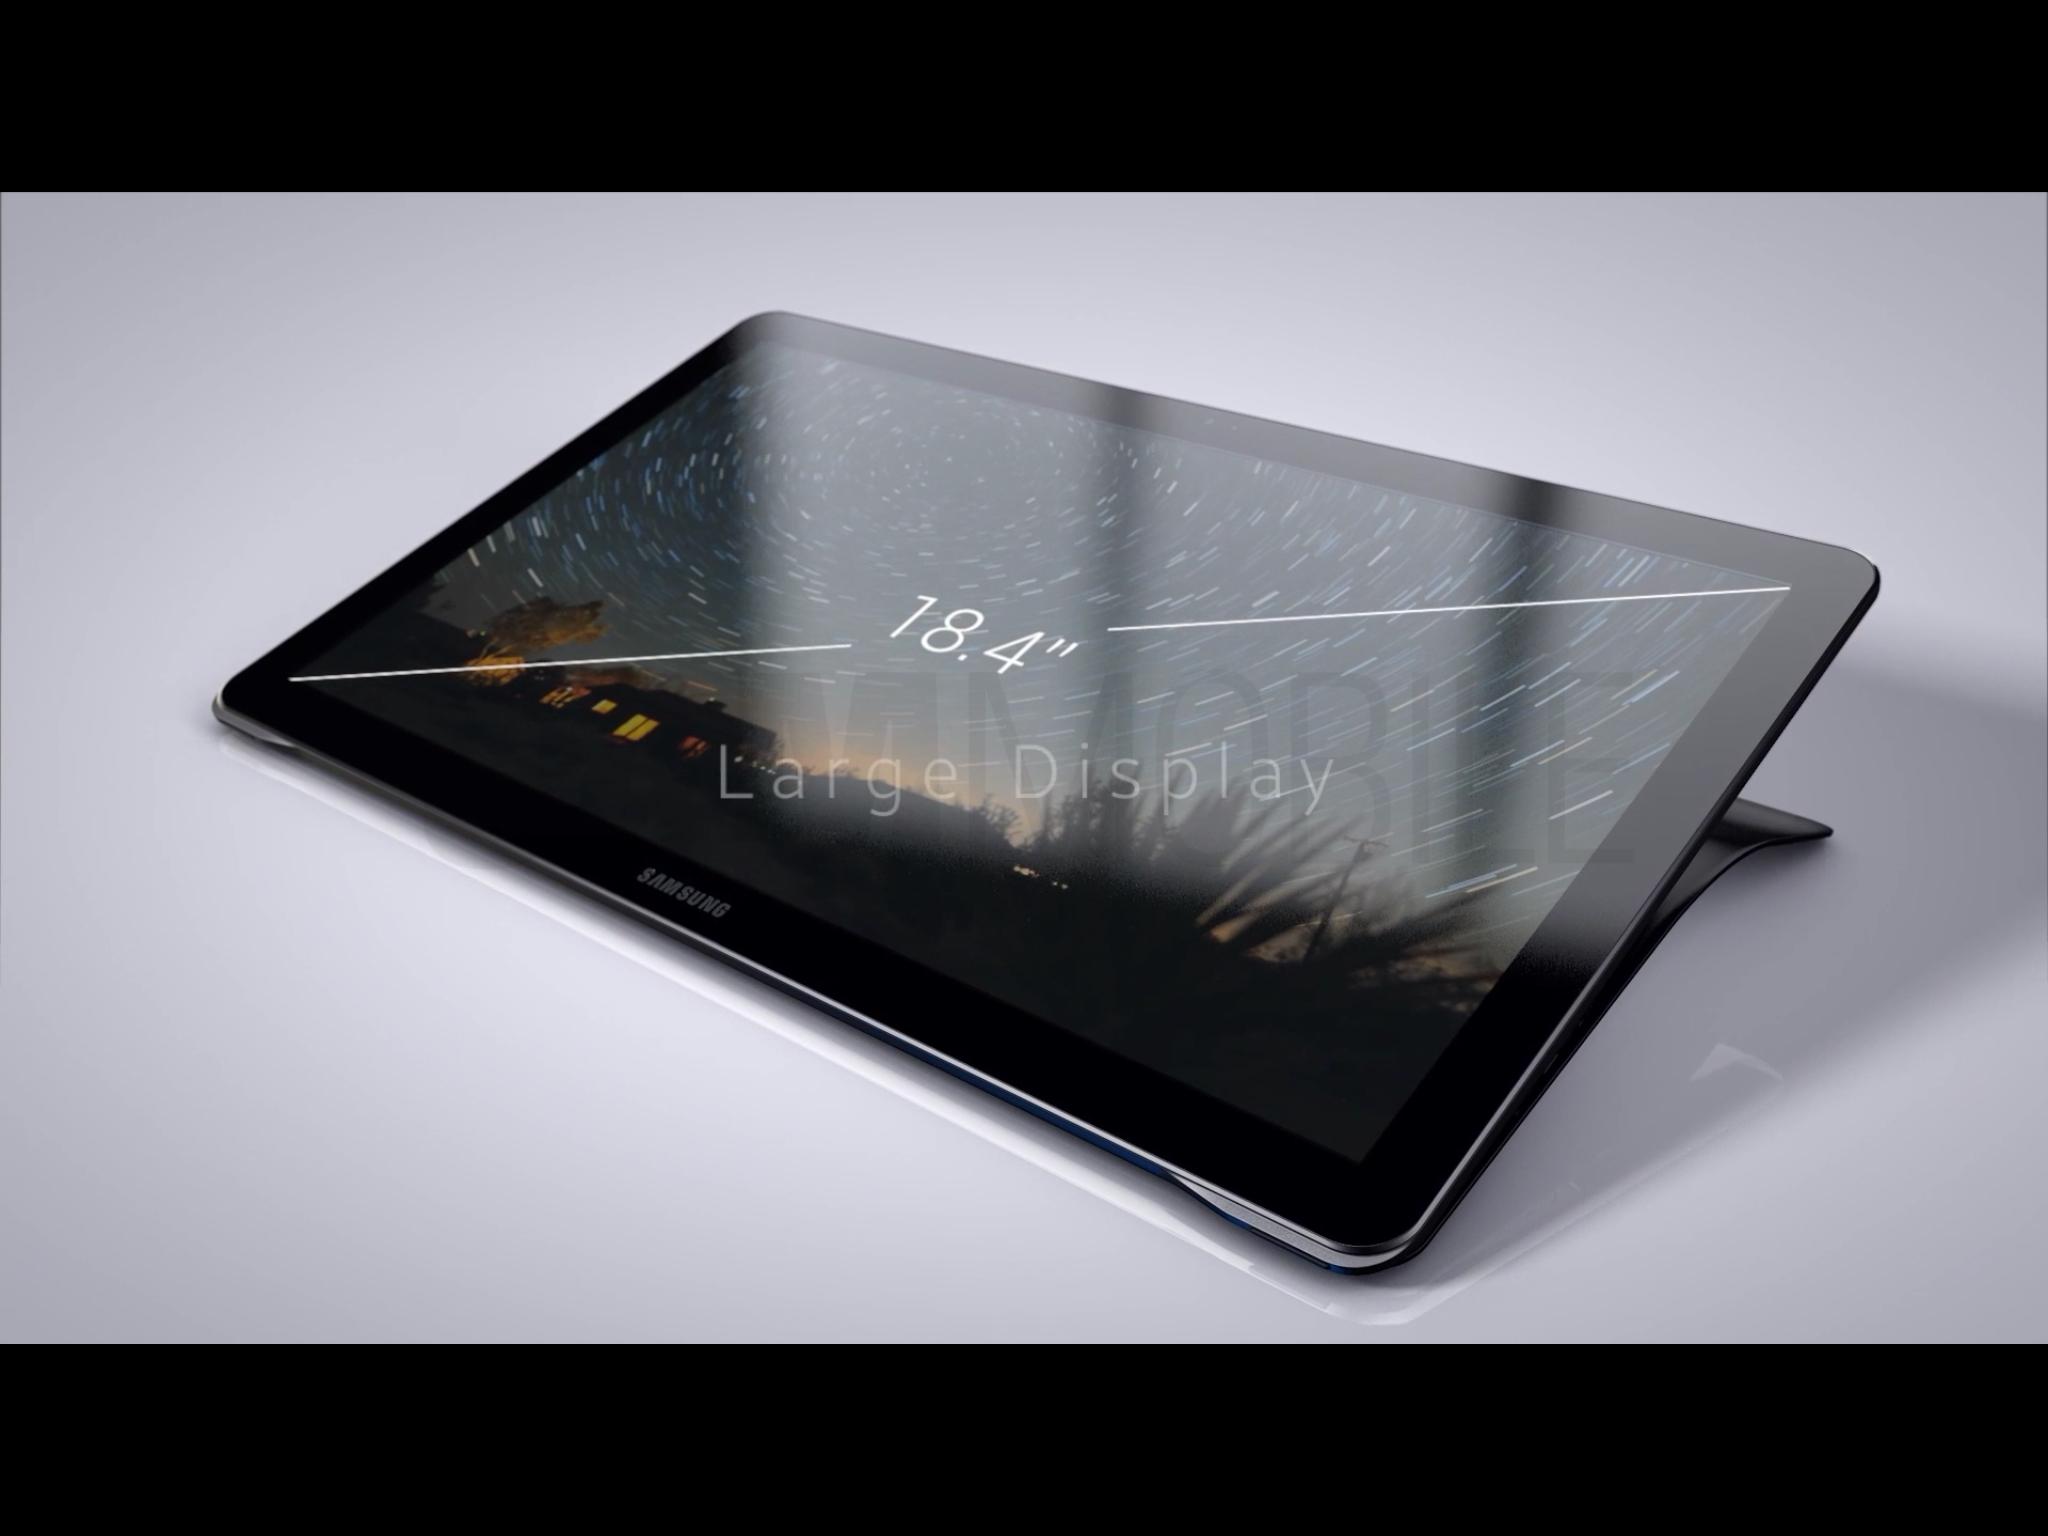 Samsung Galaxy View : une dizaine d'images en fuite pour cette tablette de 18,4 pouces